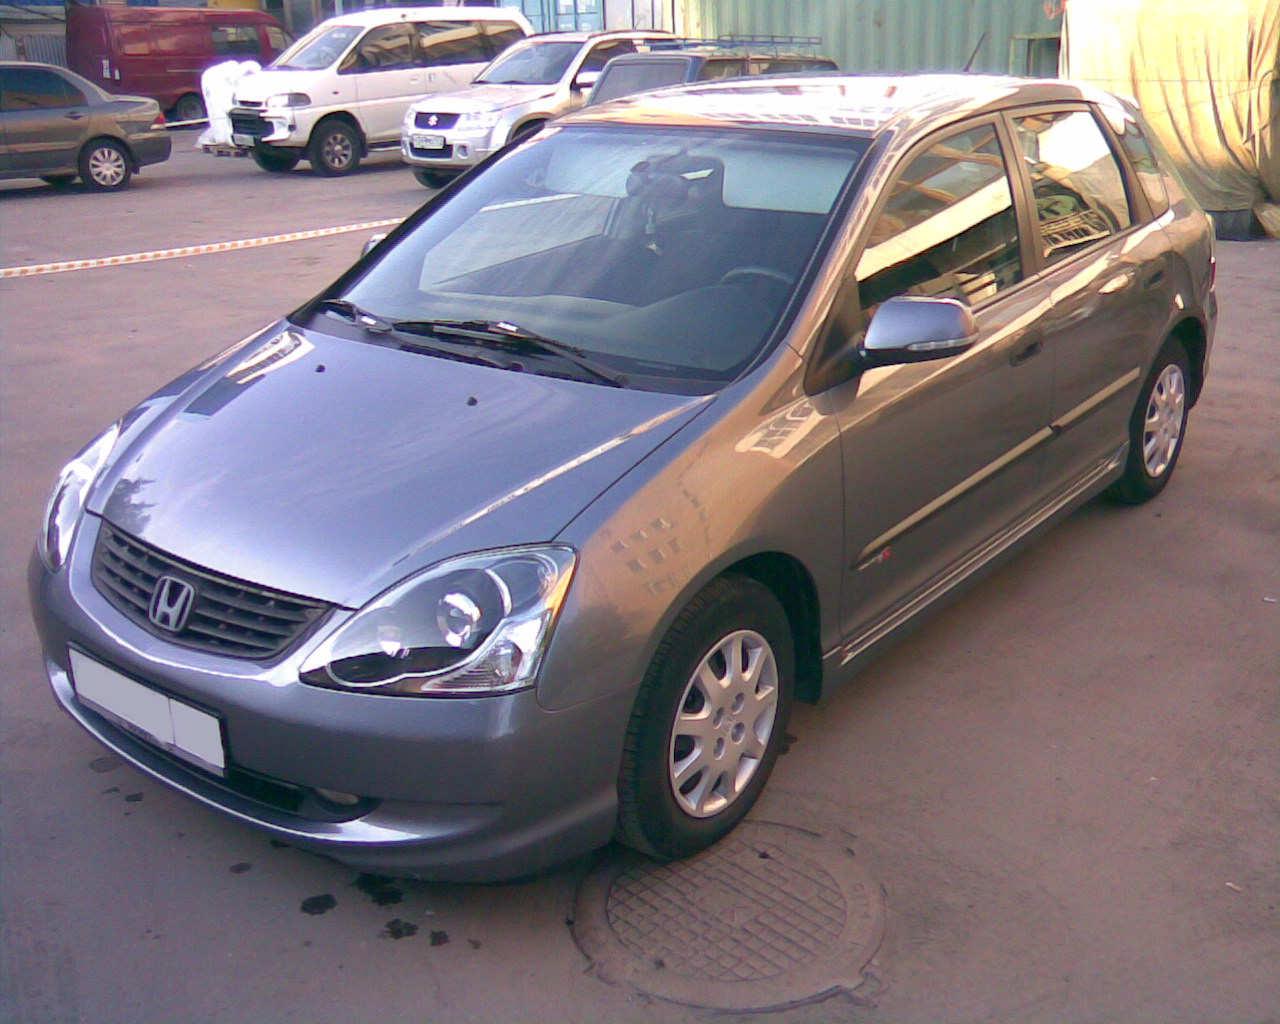 2005 honda civic photos 1 4 gasoline ff manual for sale for Honda limp mode